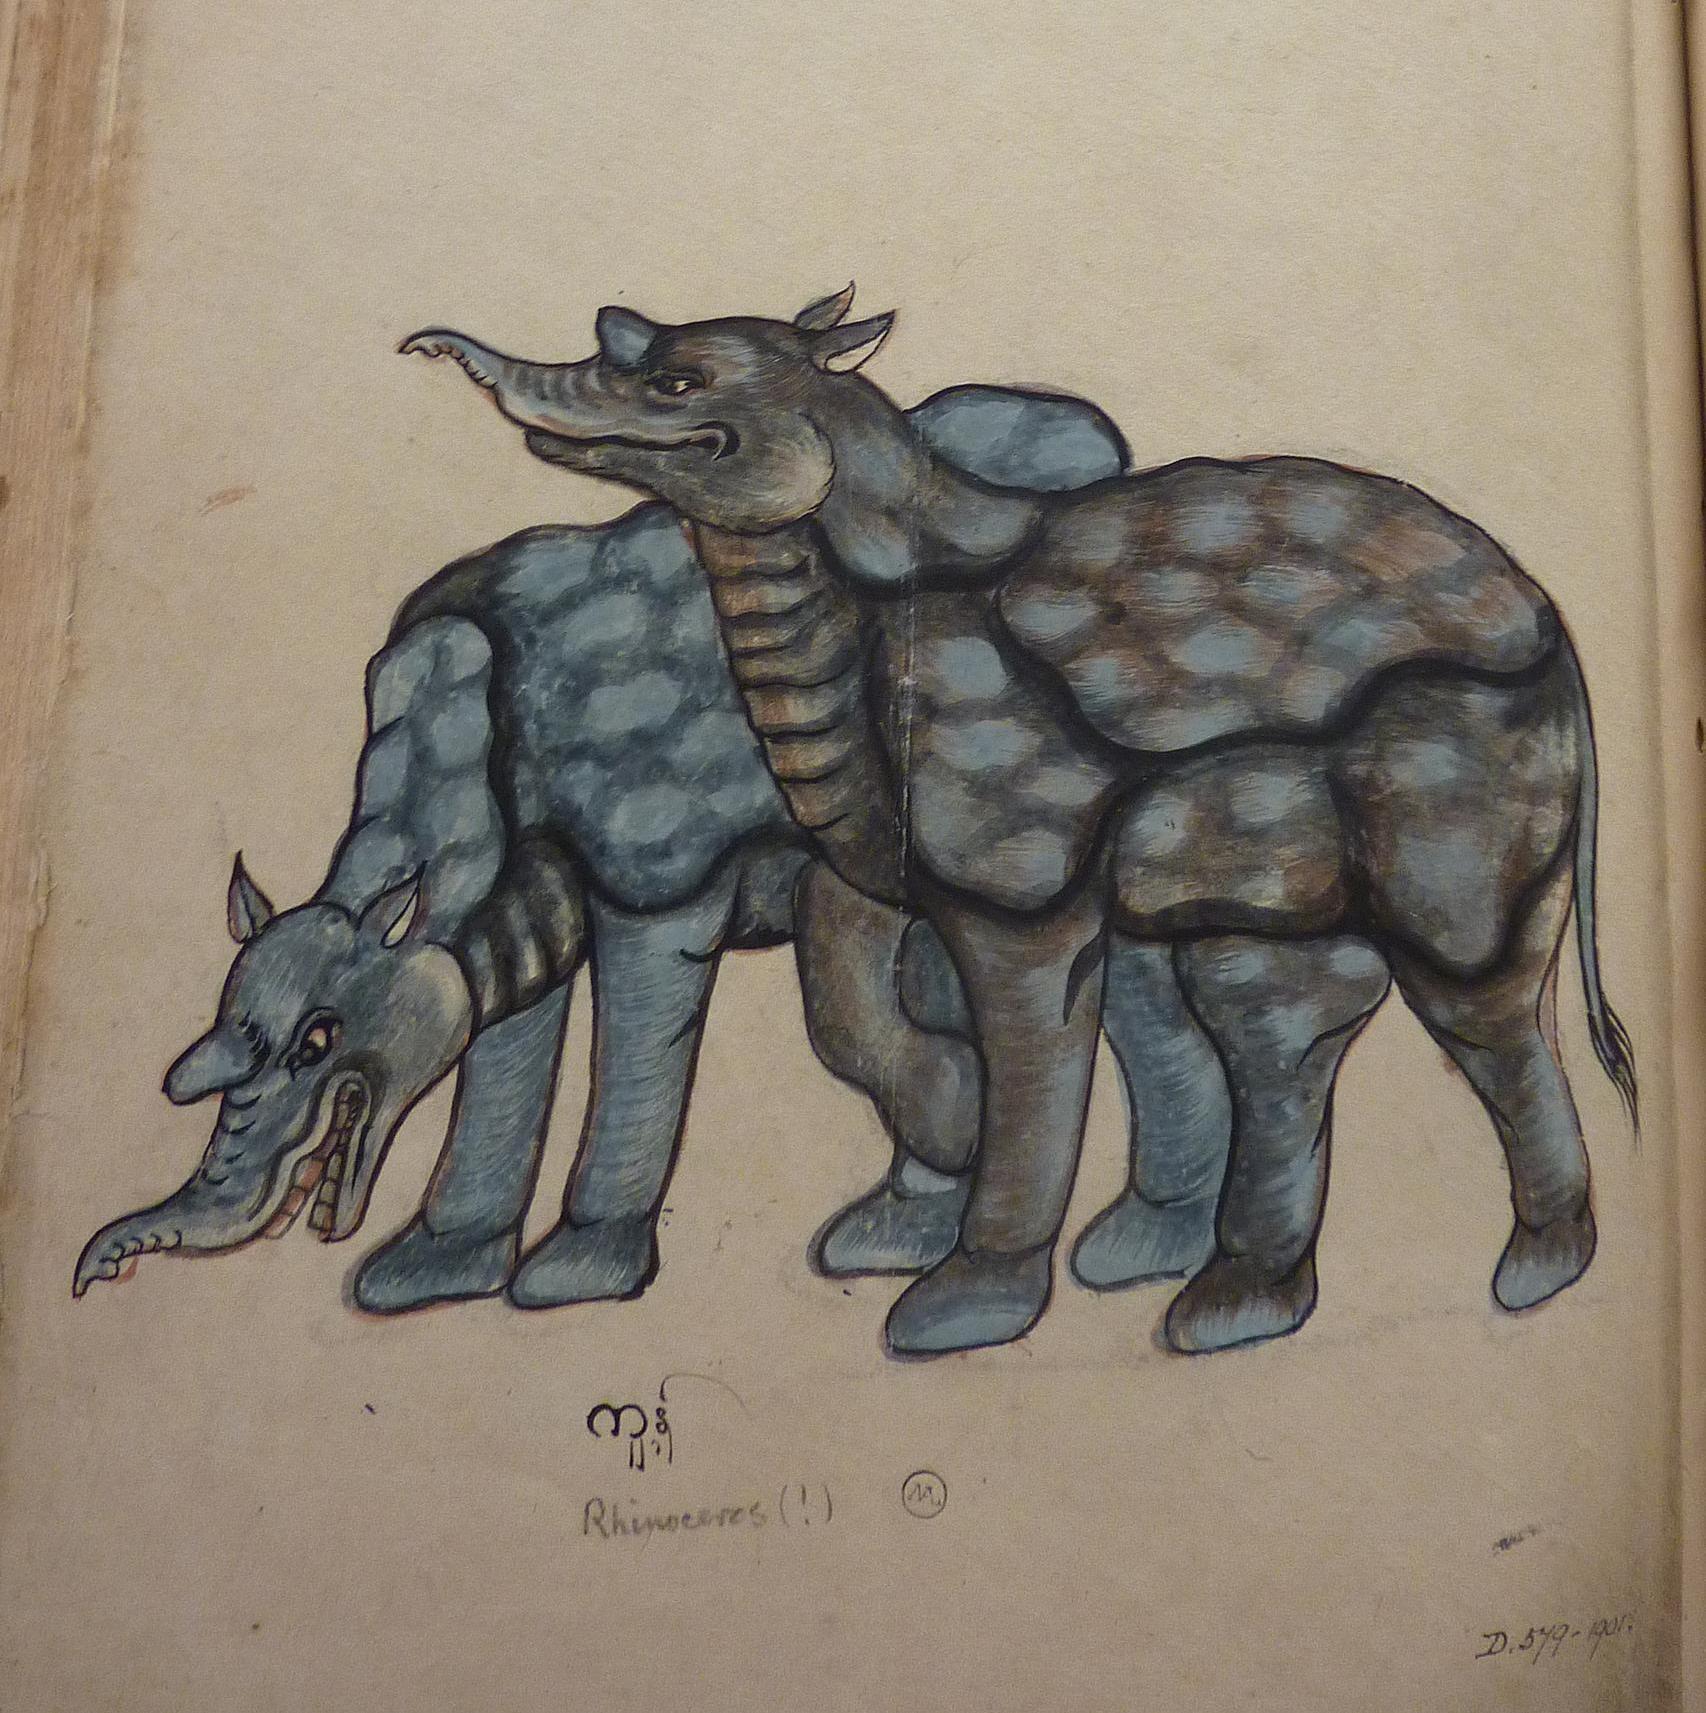 D.579-1901 'Ranaserus' [two rhinoceros]